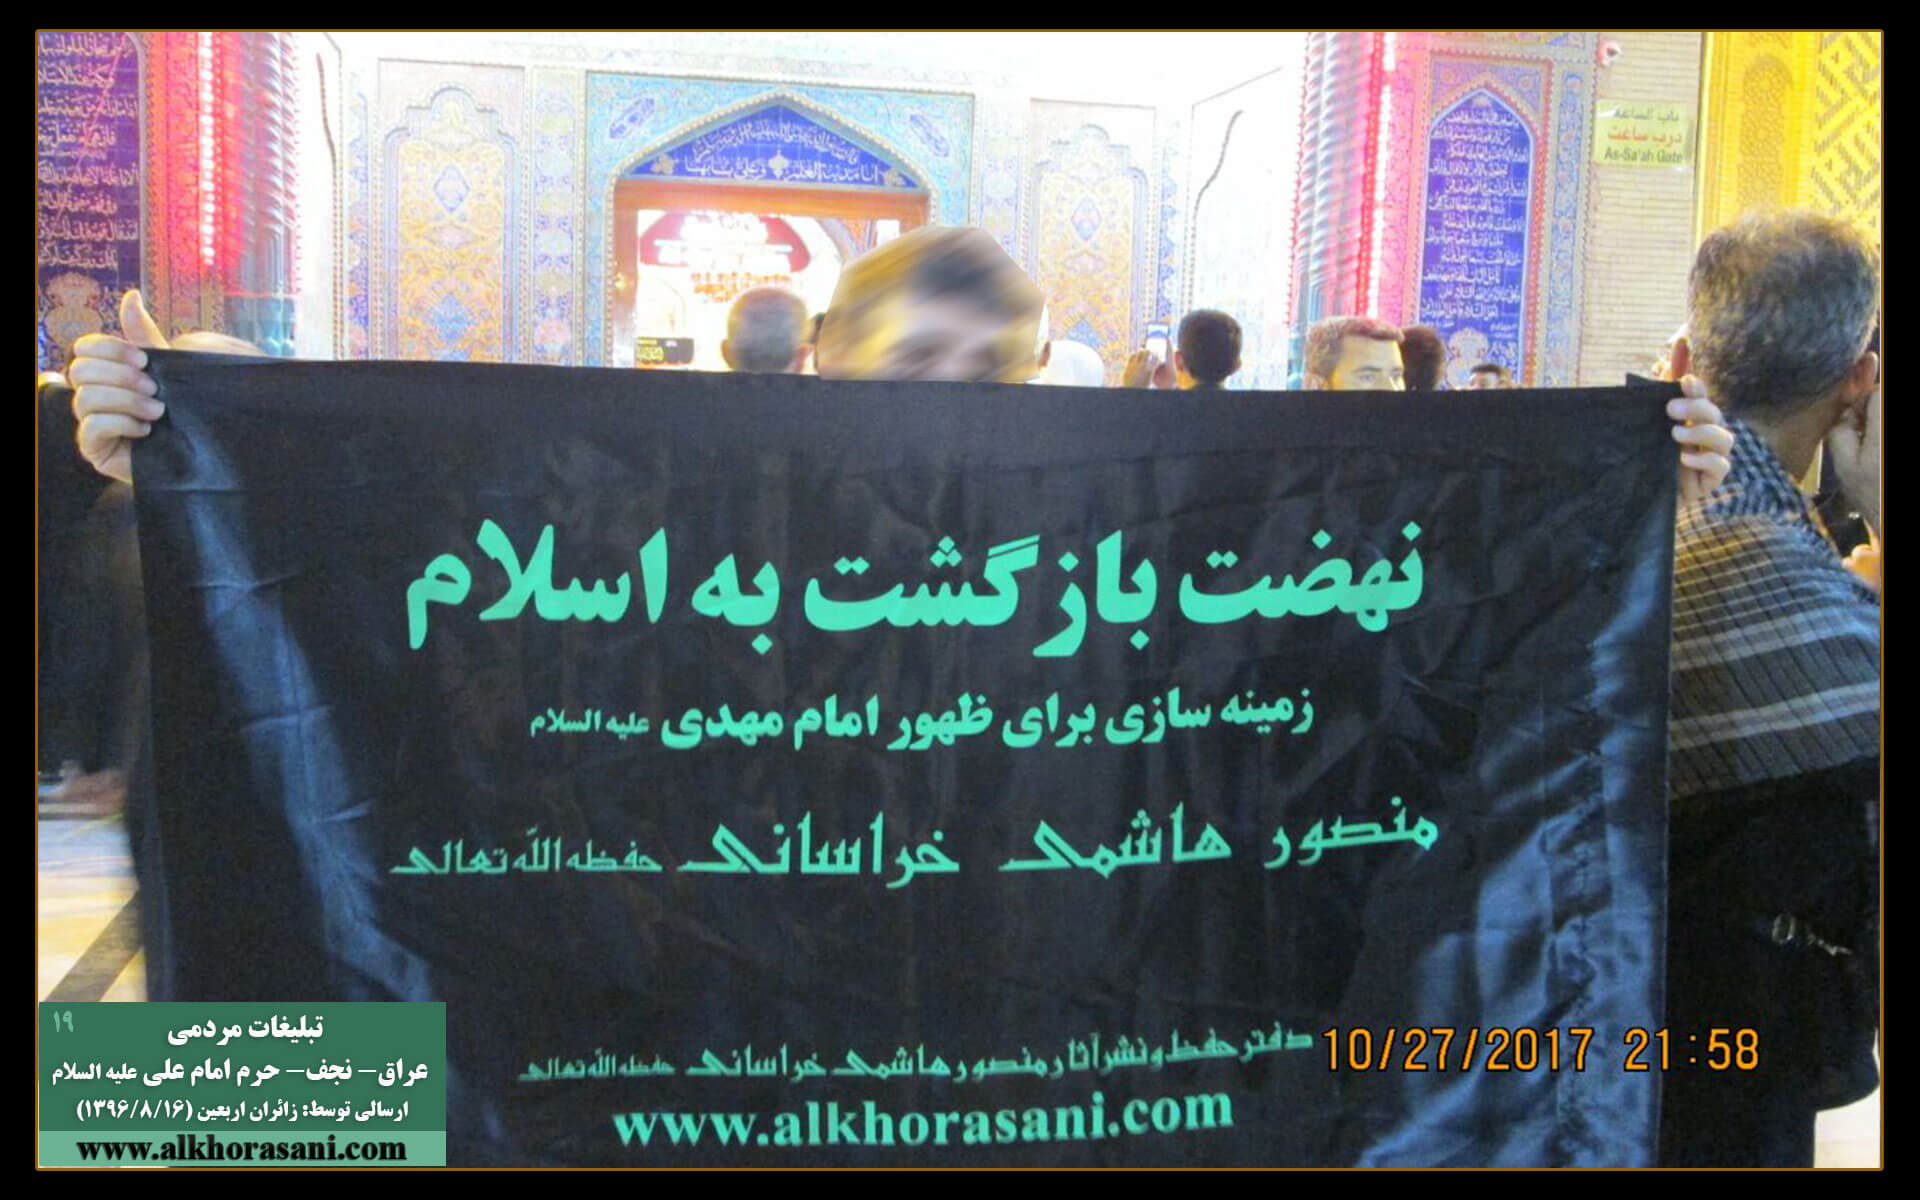 نهضت بازگشت به اسلام در حرم امام علی علیه السلام